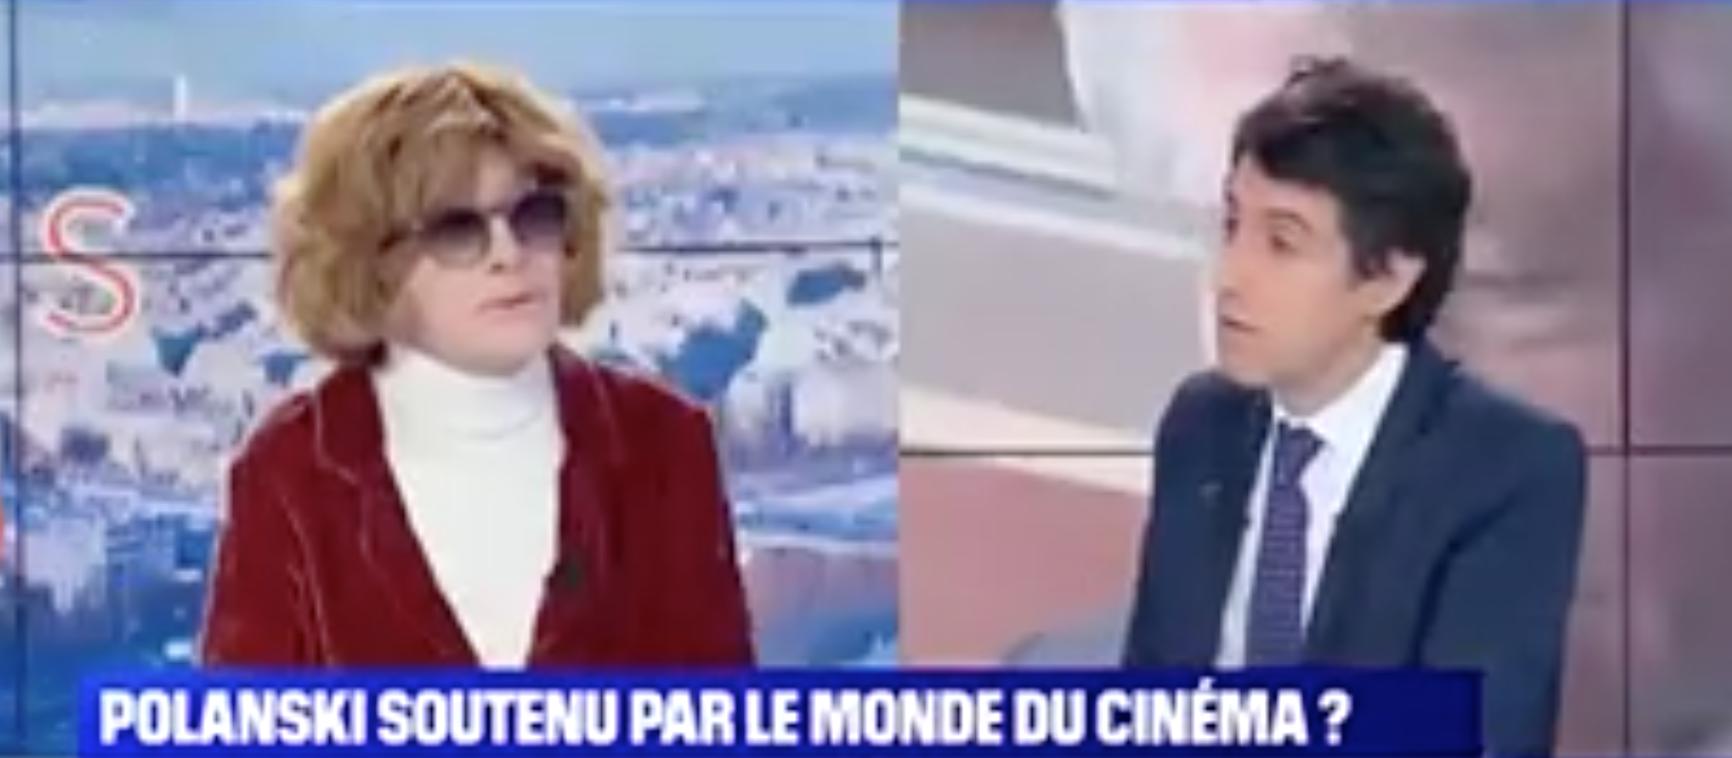 Polanski : volte-face de la gourdasse Nadine Trintignant, qu'est-ce qu'elle risque, à 85 balais ?